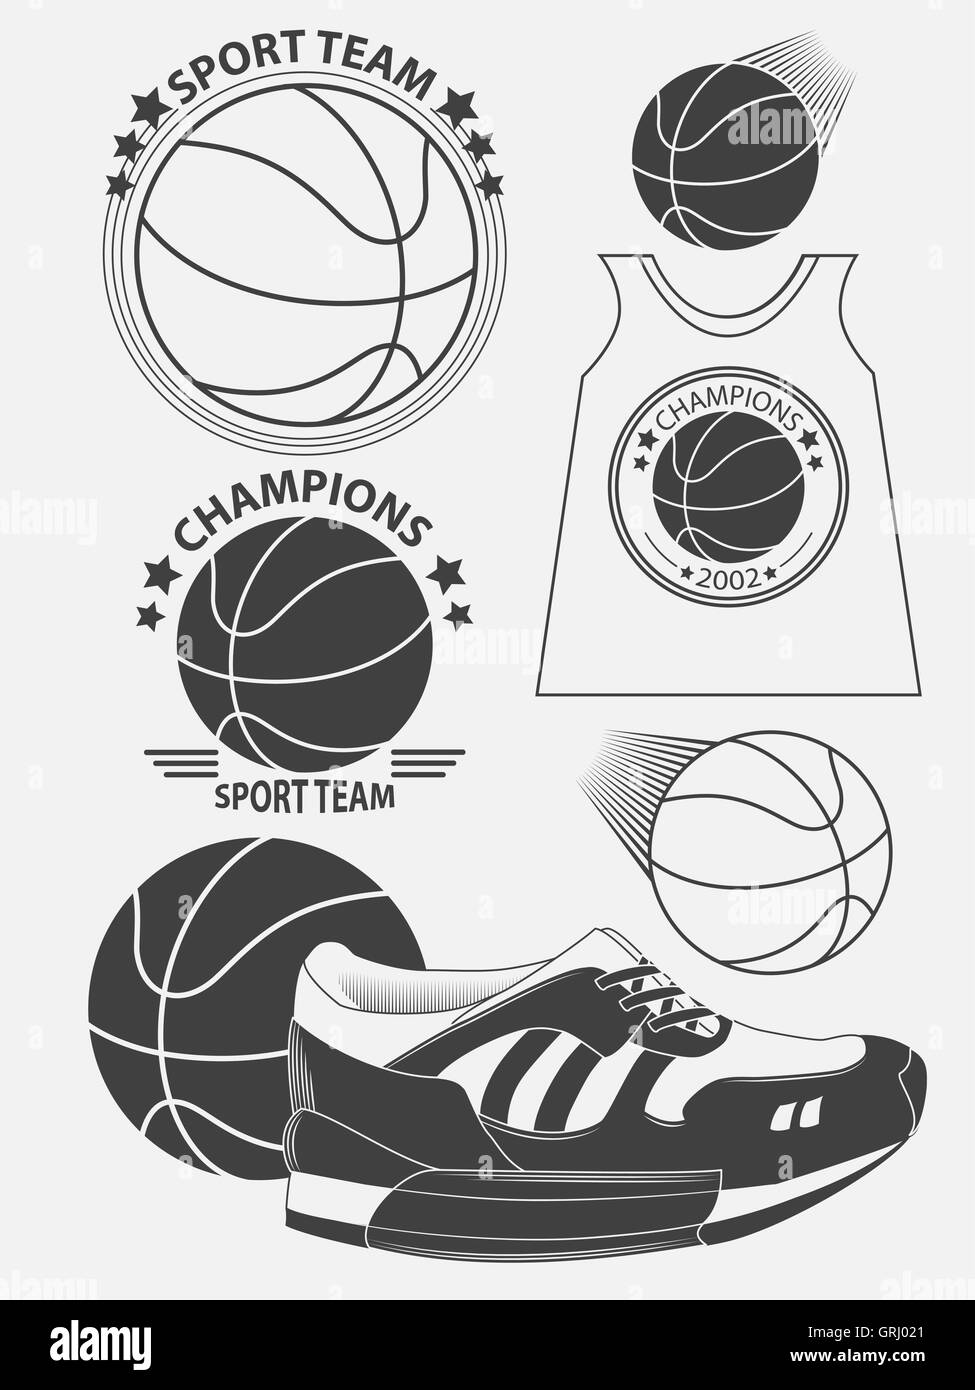 Erfreut Basketball Turnier Klammer Vorlage Ideen ...